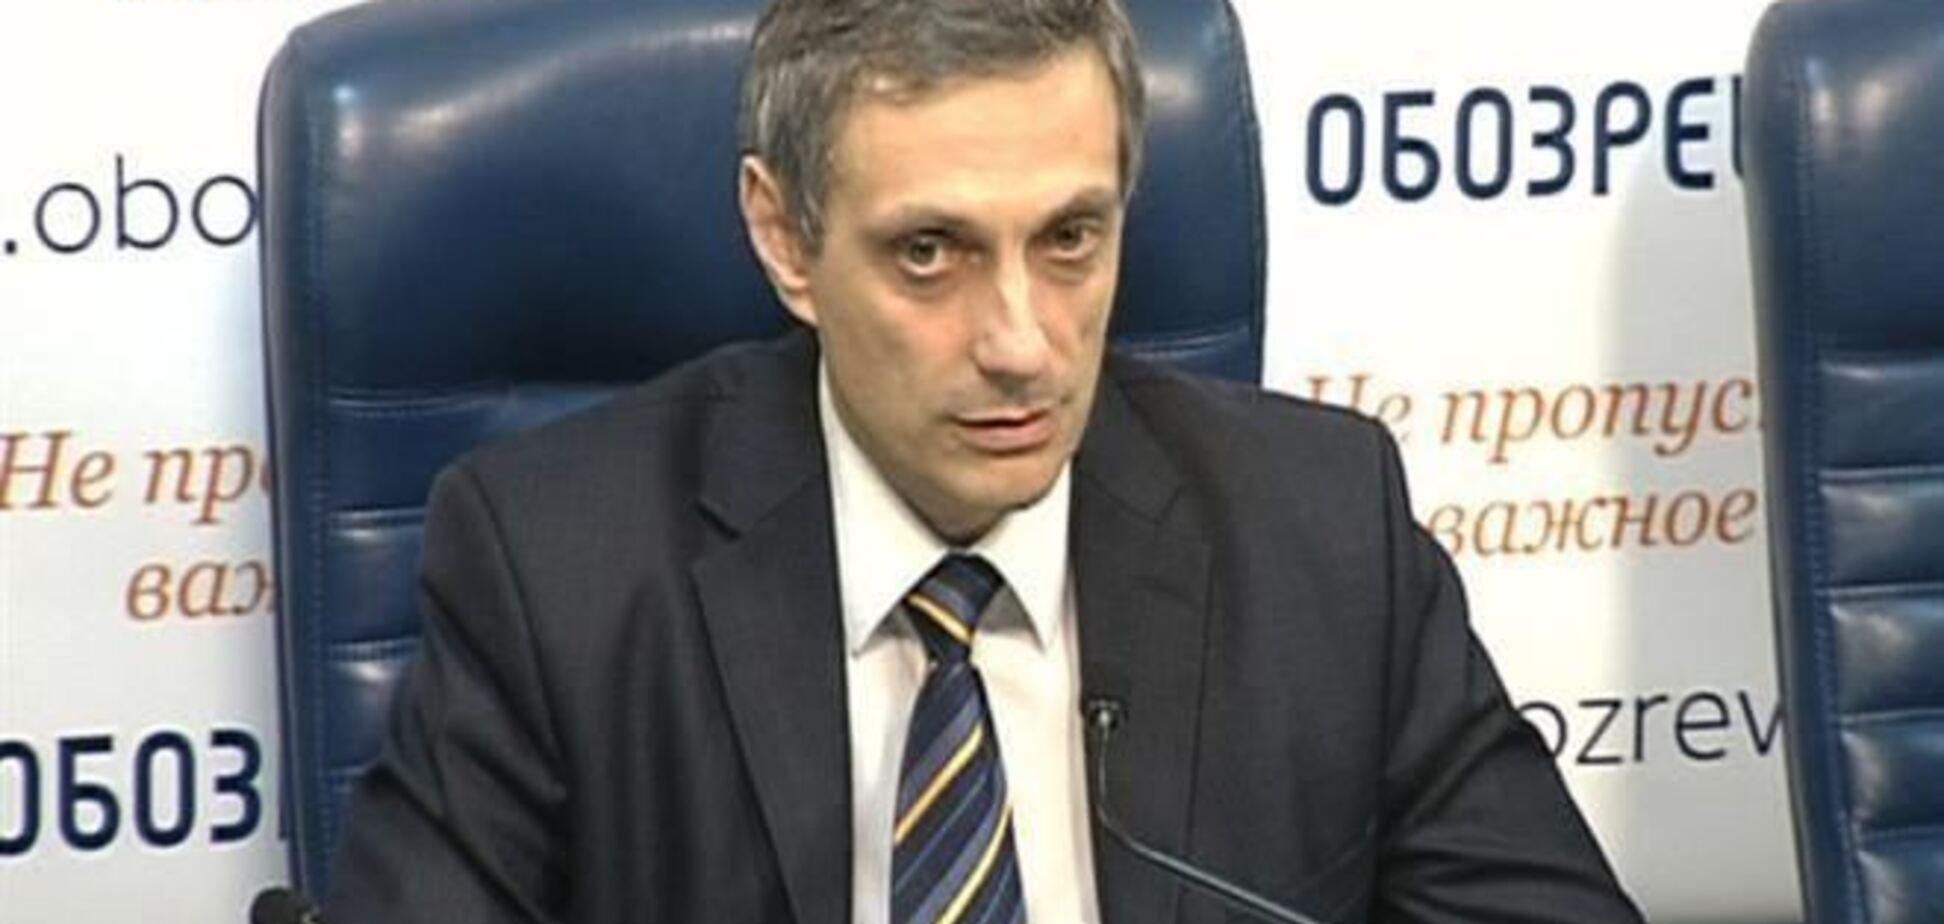 Денис Богуш: Если случится еще одна зачистка Майдана, люди возьмут в руки оружие